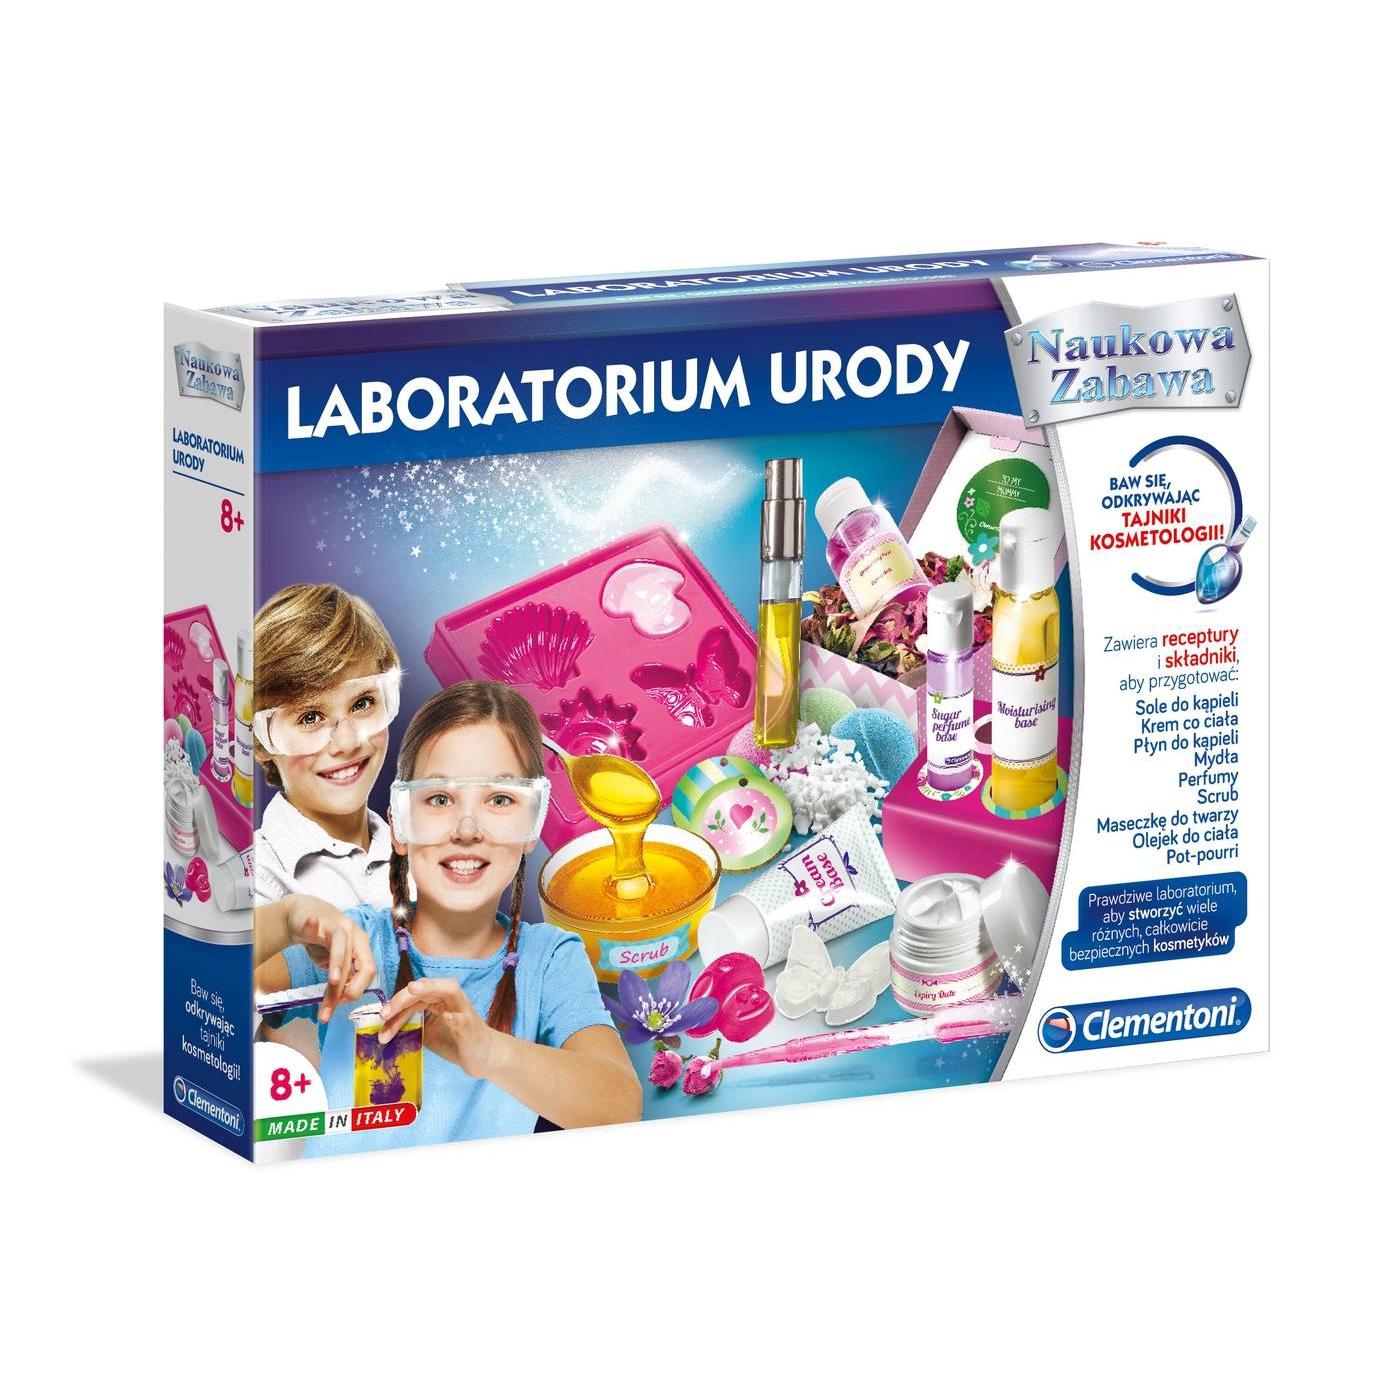 Laboratorium urody